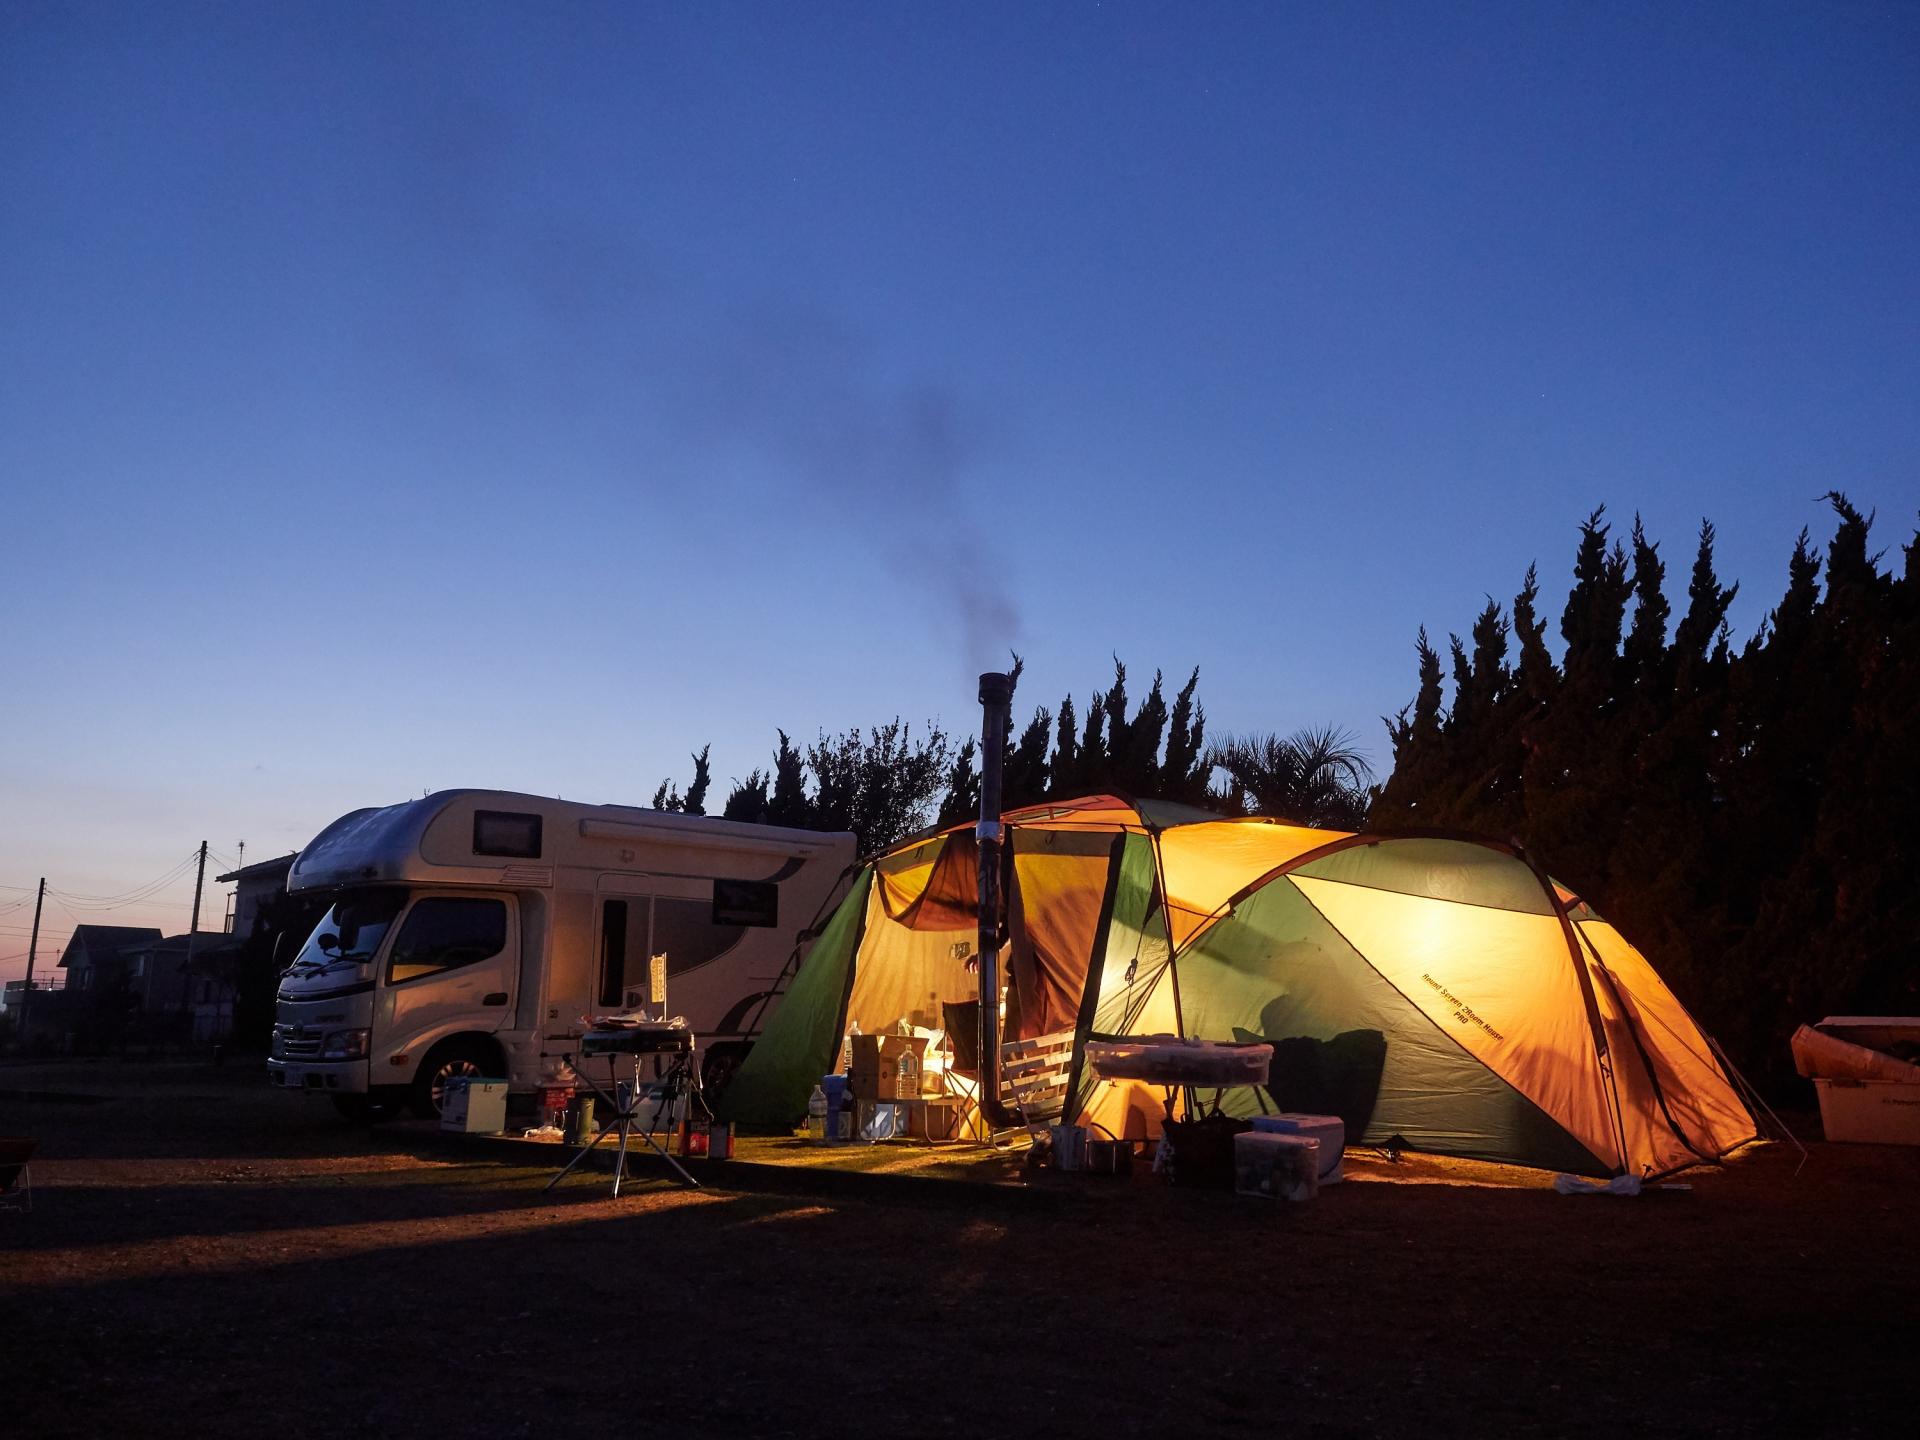 夏には涼しいキャンプ場なので中部地方と東海地方のオススメご紹介!